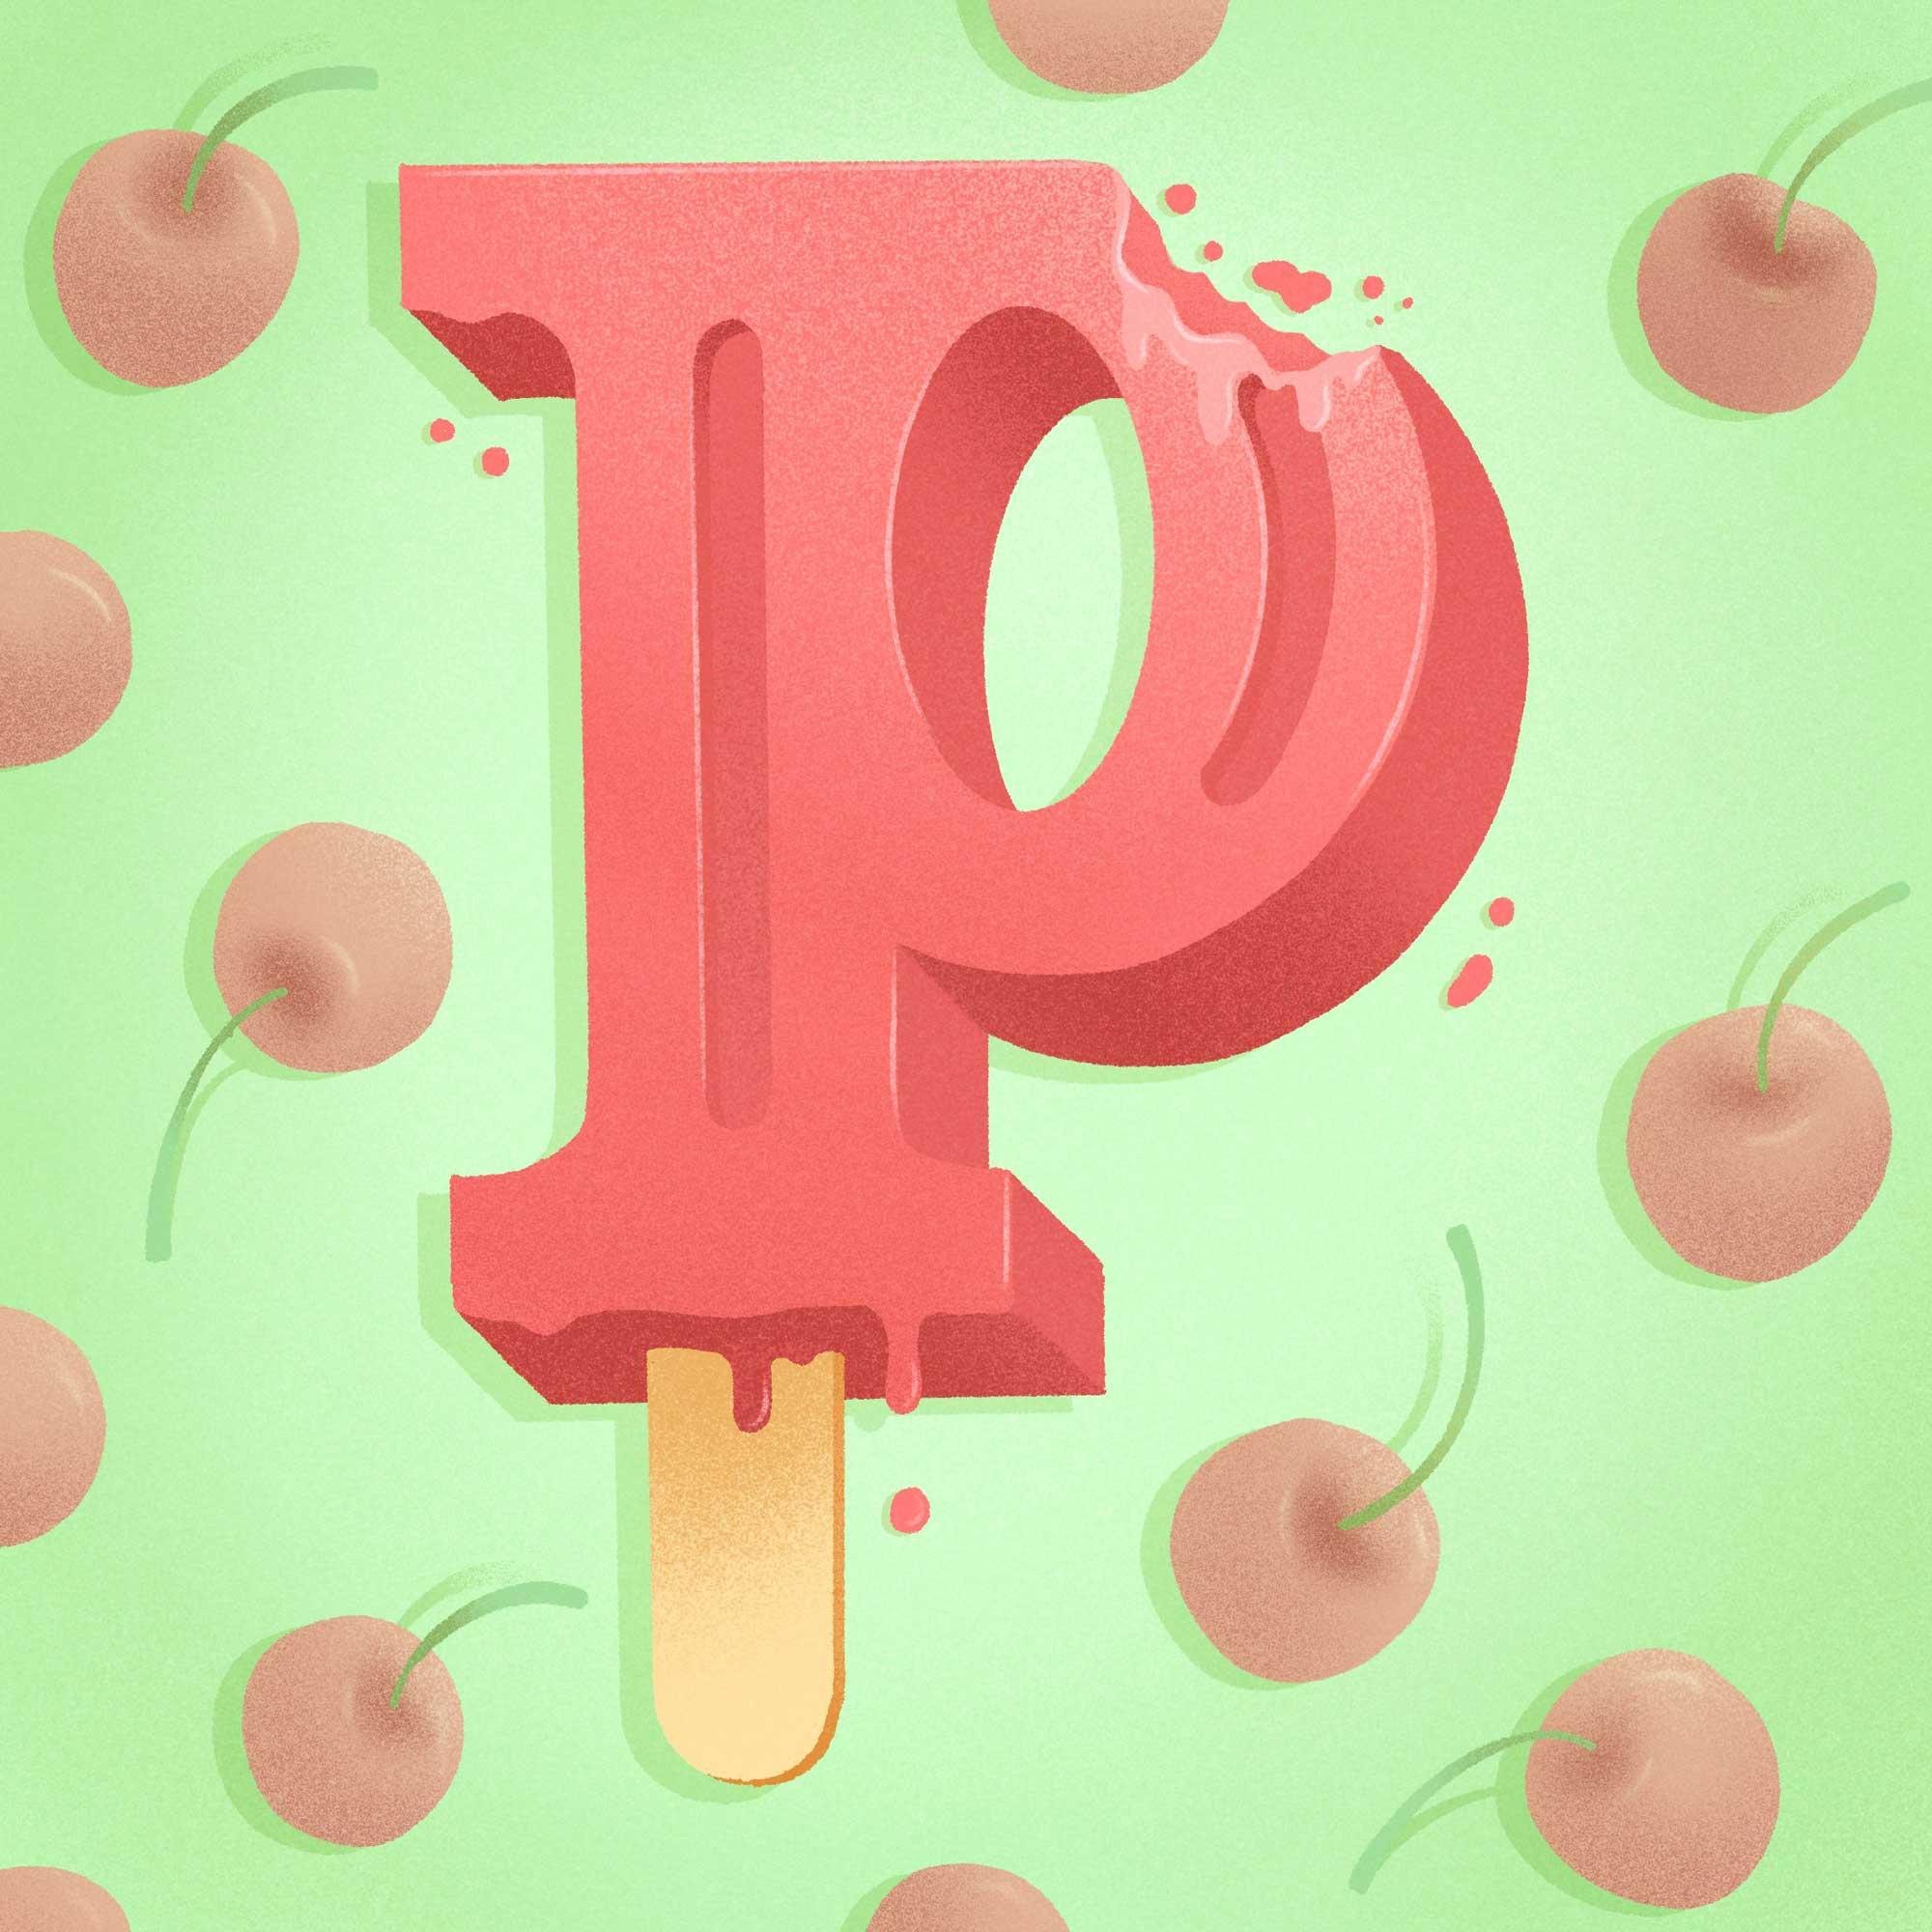 36 Days of Sweet Type, a hand lettered and illustrated dessert and food alphabet. Letter P illustration for popsicle | Belinda Kou Lettering, Illustration & Design | Chicago artist